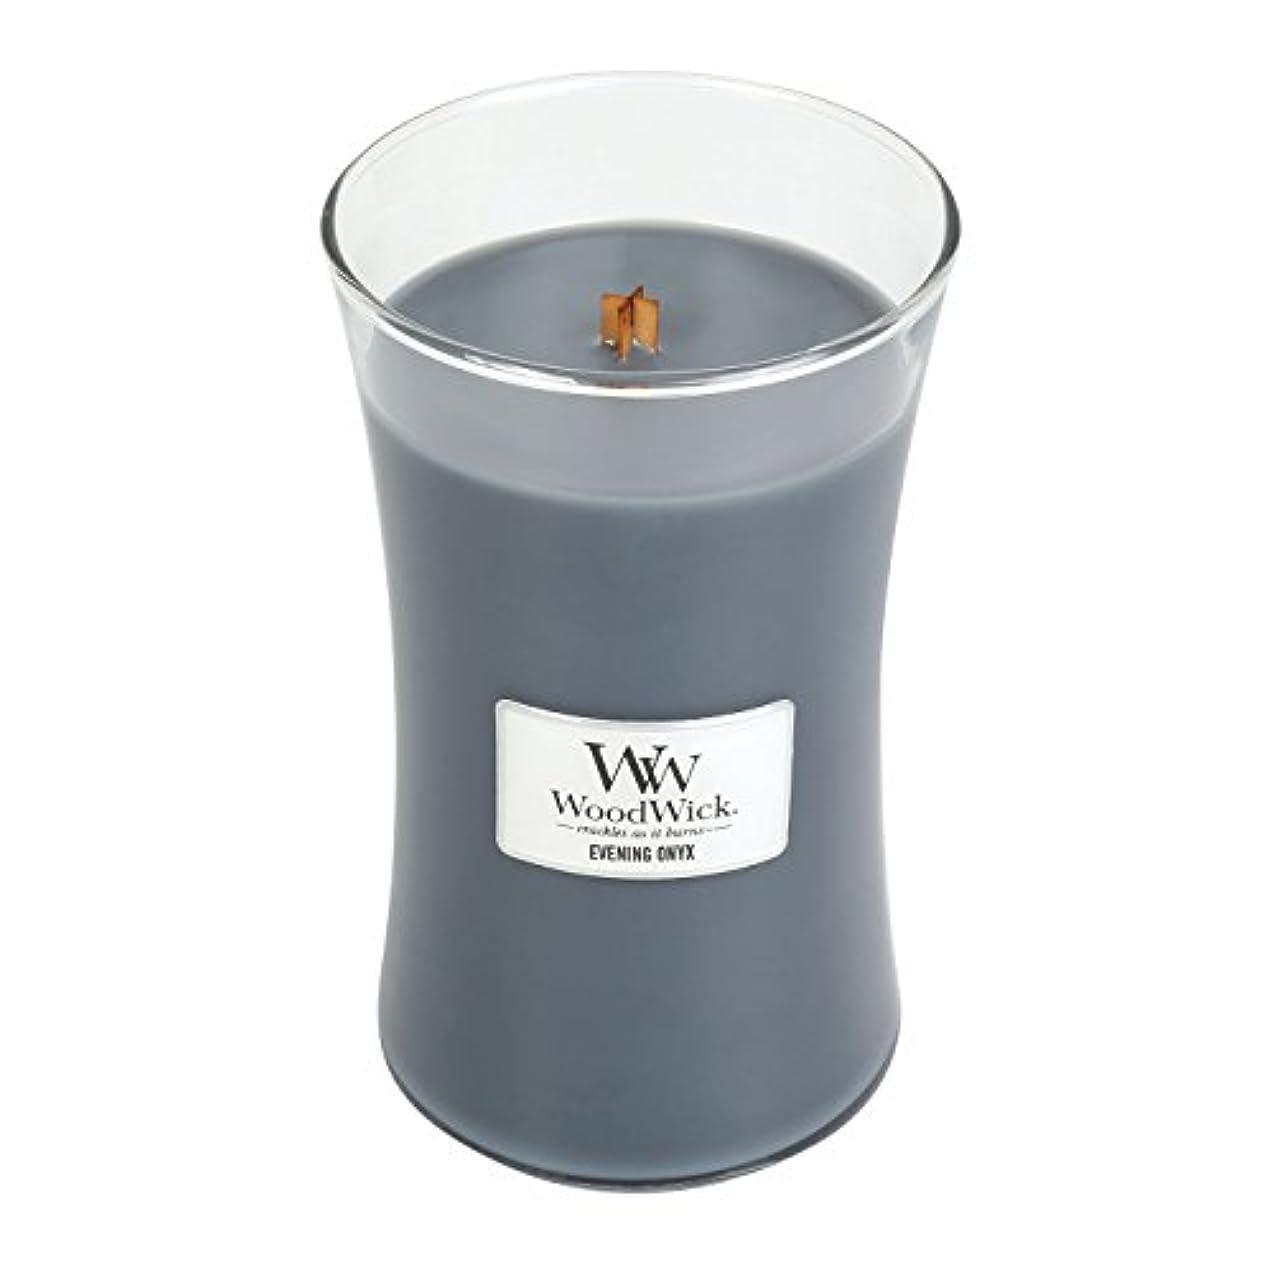 掃く崖微弱WoodWick EVENING ONYX, Highly Scented Candle, Classic Hourglass Jar, Large 18cm, 640ml